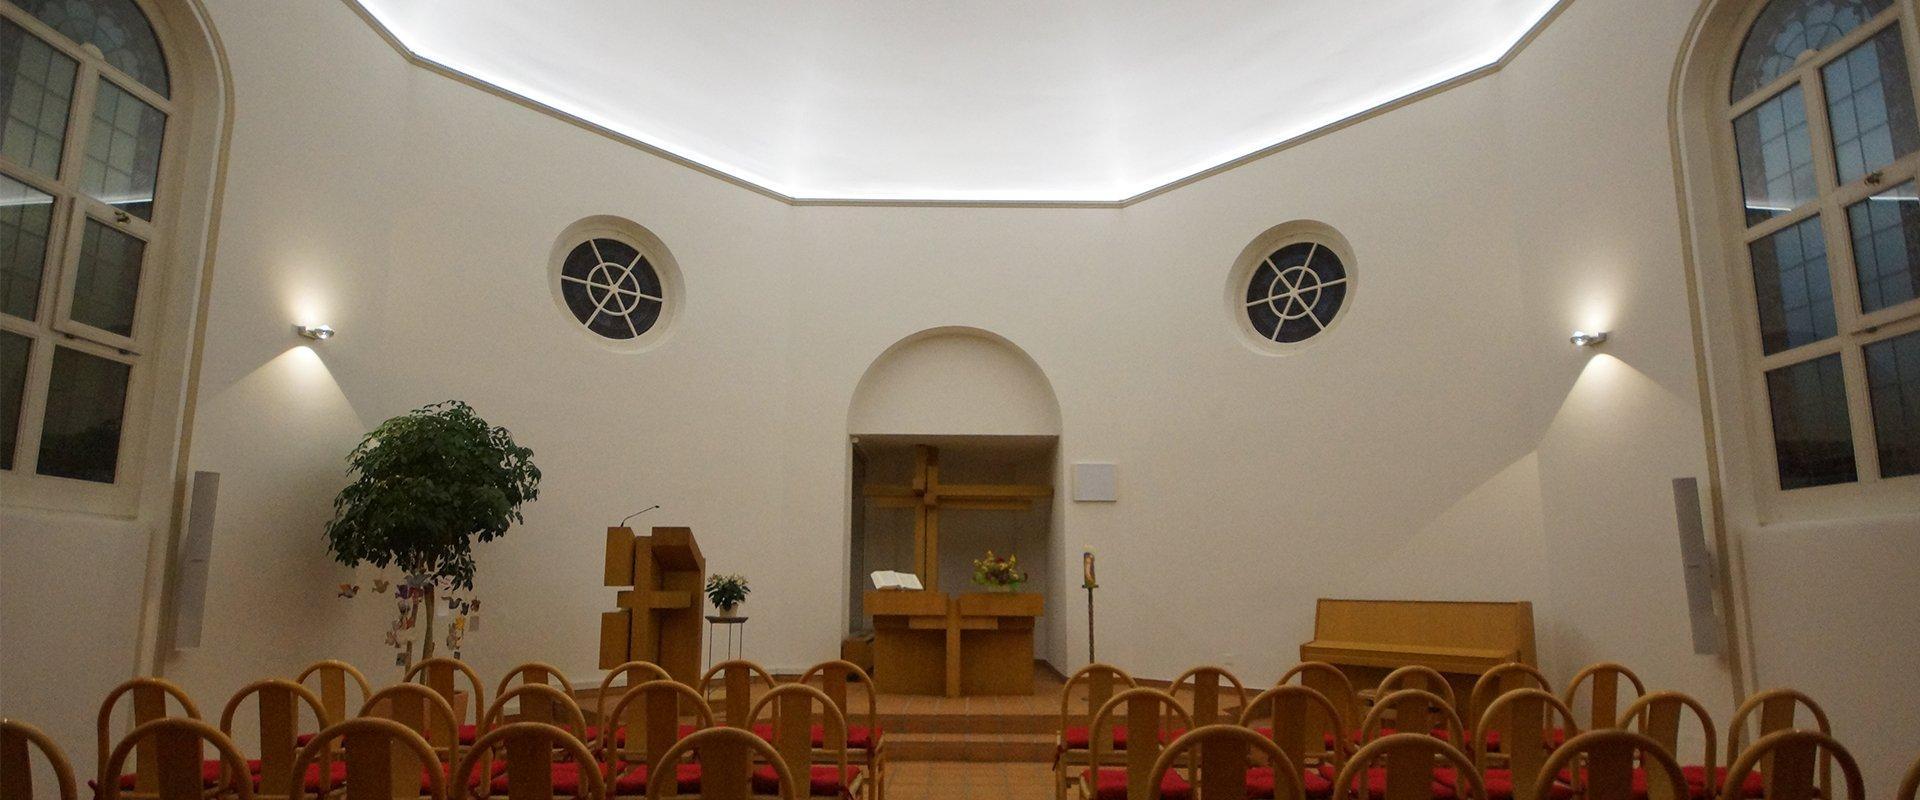 Reformierte Kirchengemeinde Stein